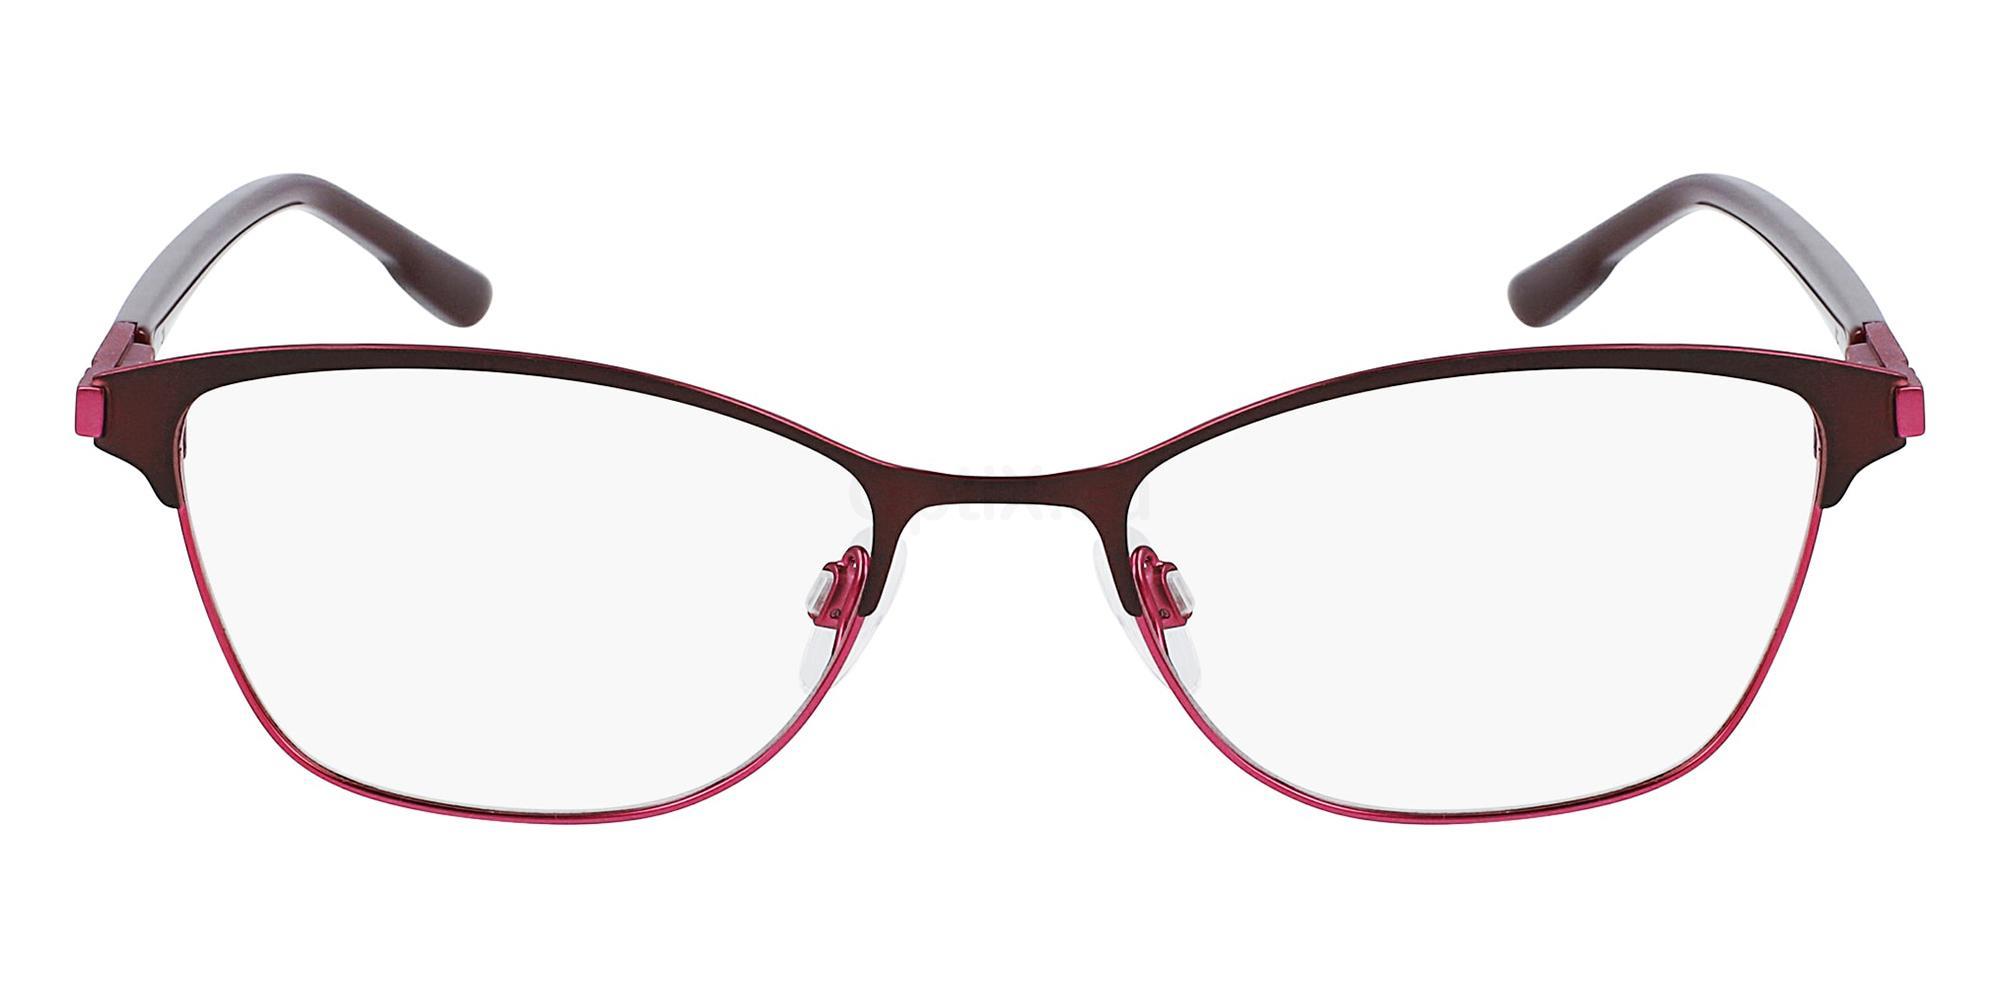 210 SK2113 DALKULLA Glasses, Skaga